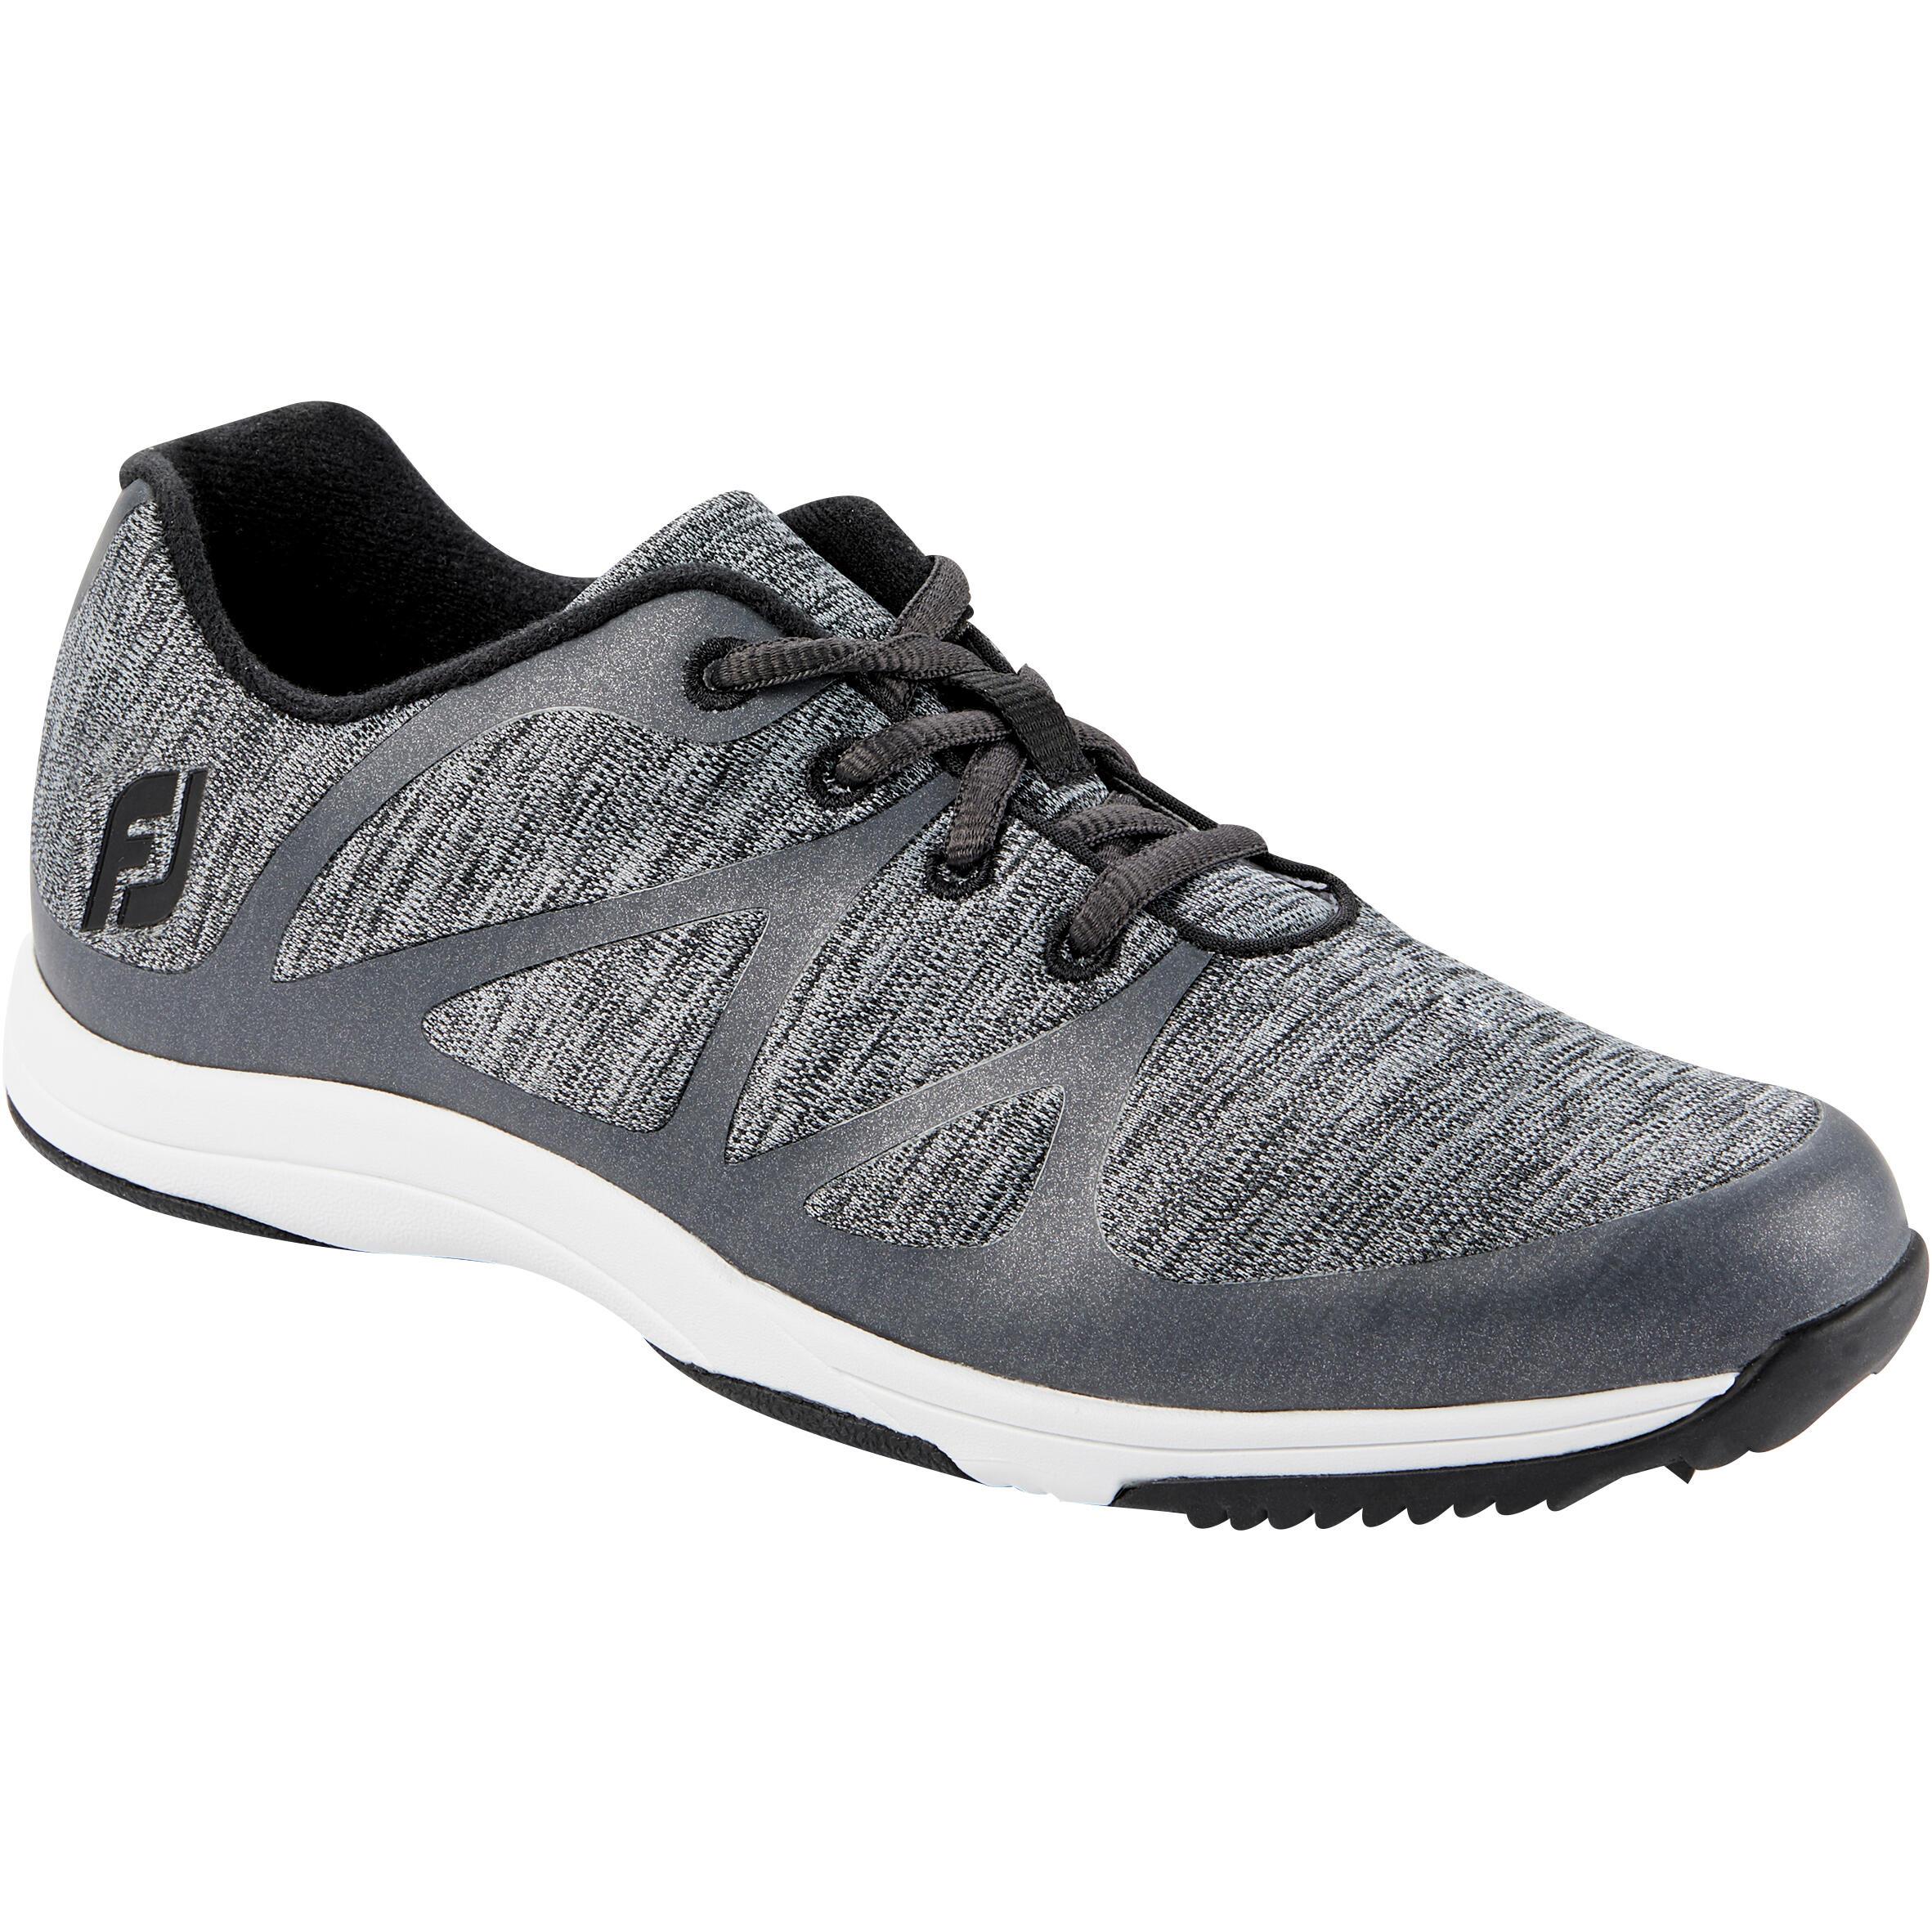 2413197 Footjoy Golfschoenen Empower voor dames grijs